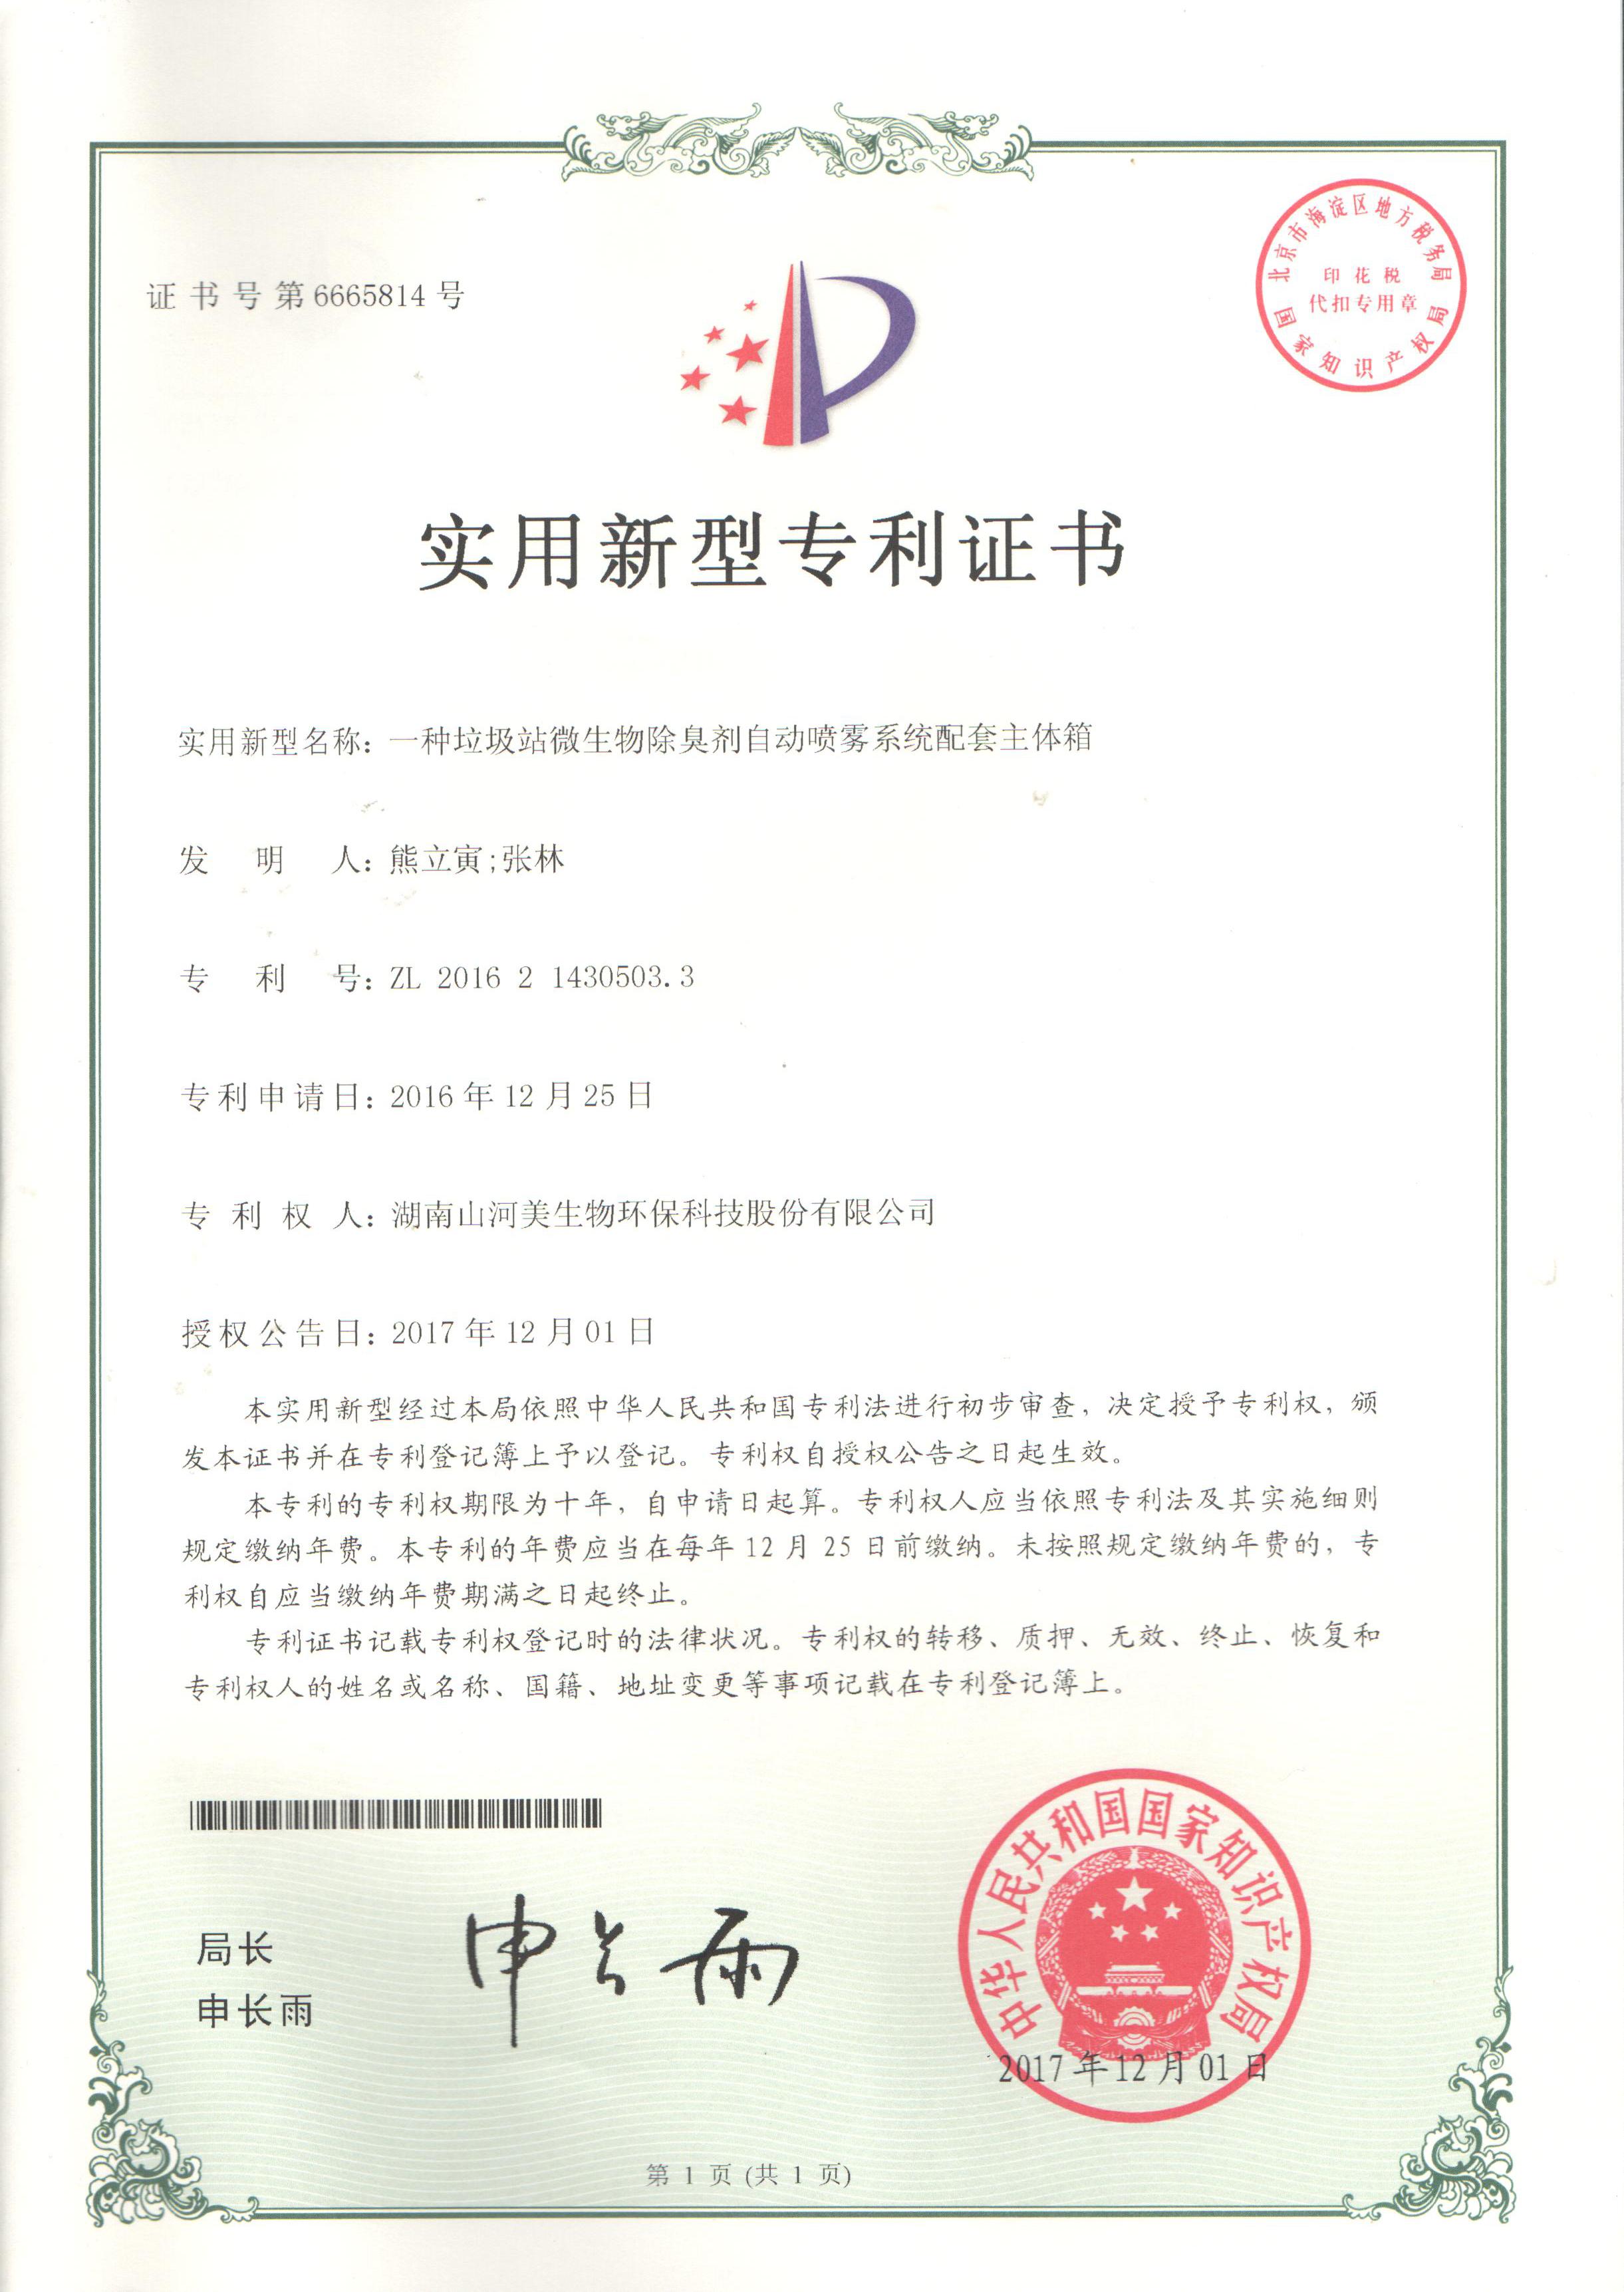 實用新型專利證書:一種垃圾站微生物除臭劑自動噴霧系統配套主體箱證書號第6665814號